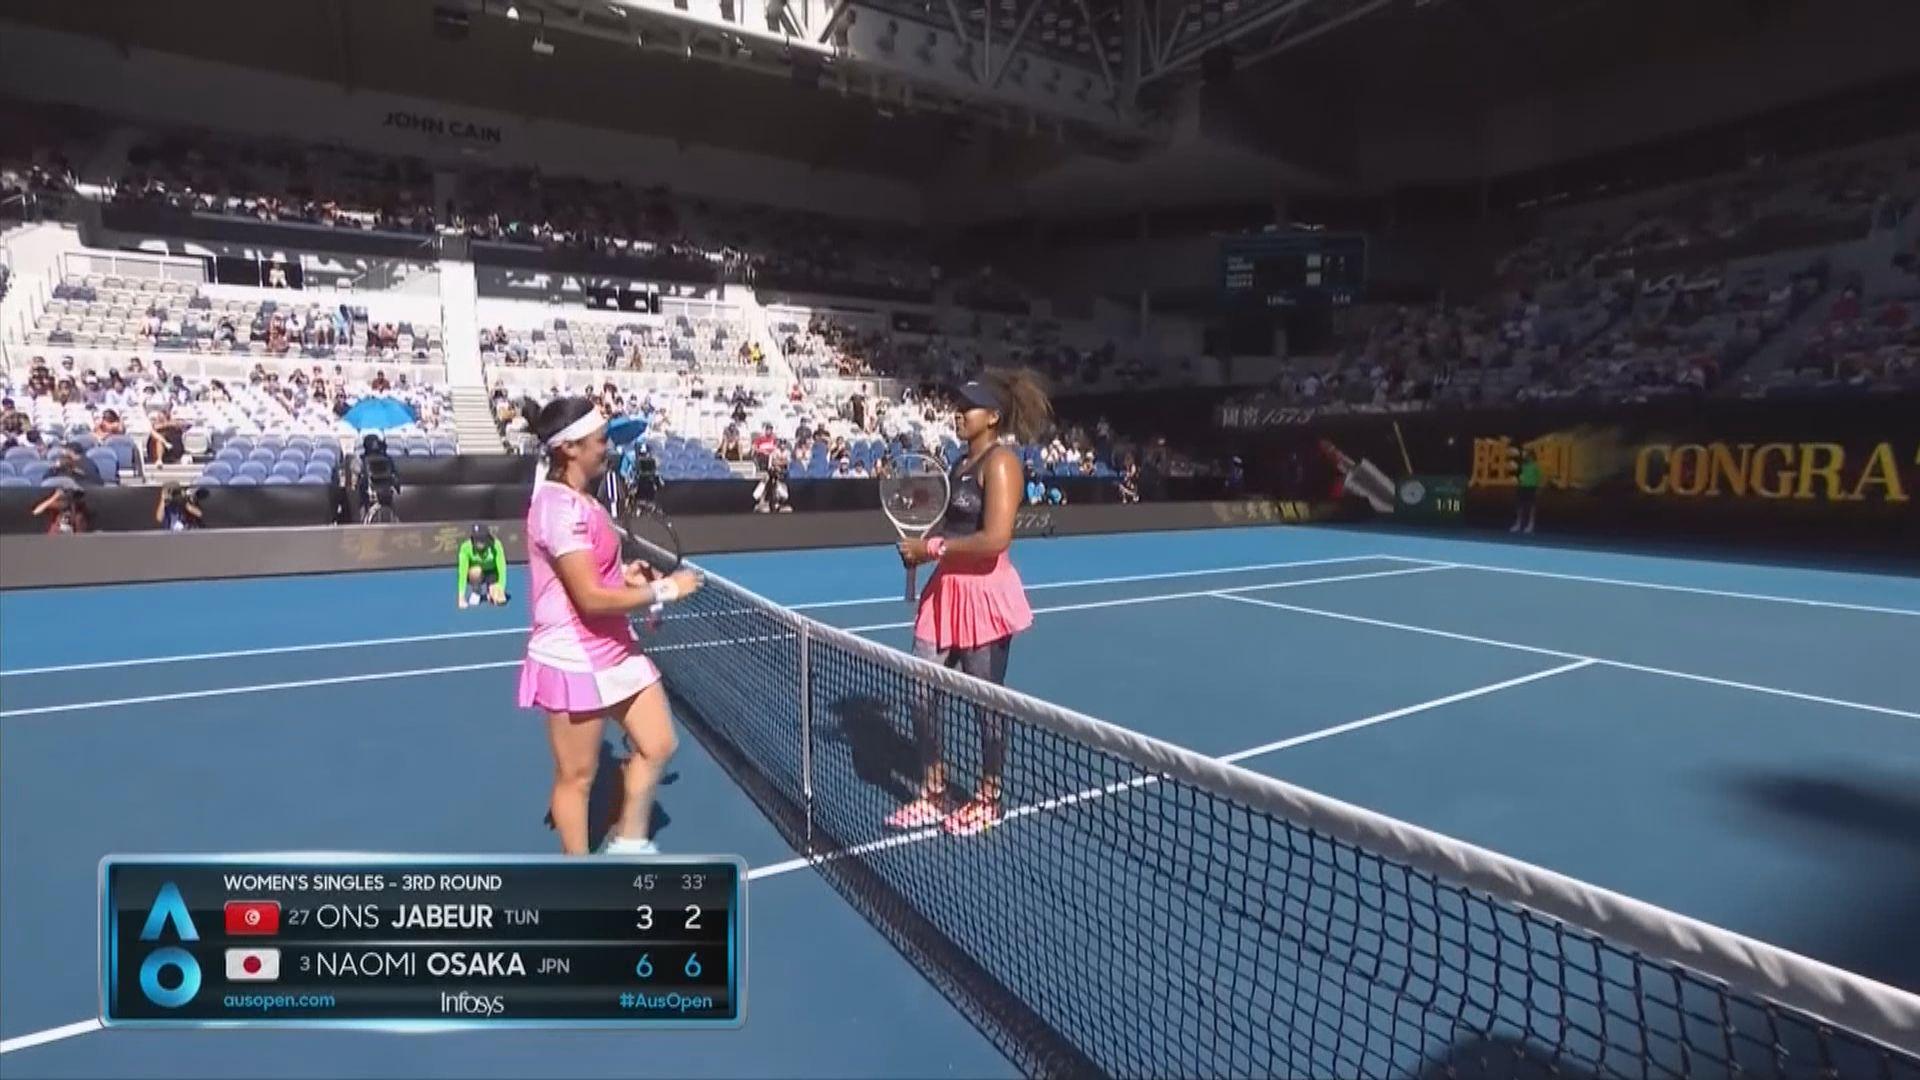 澳洲維多利亞州封城五天 網球公開賽如常舉行